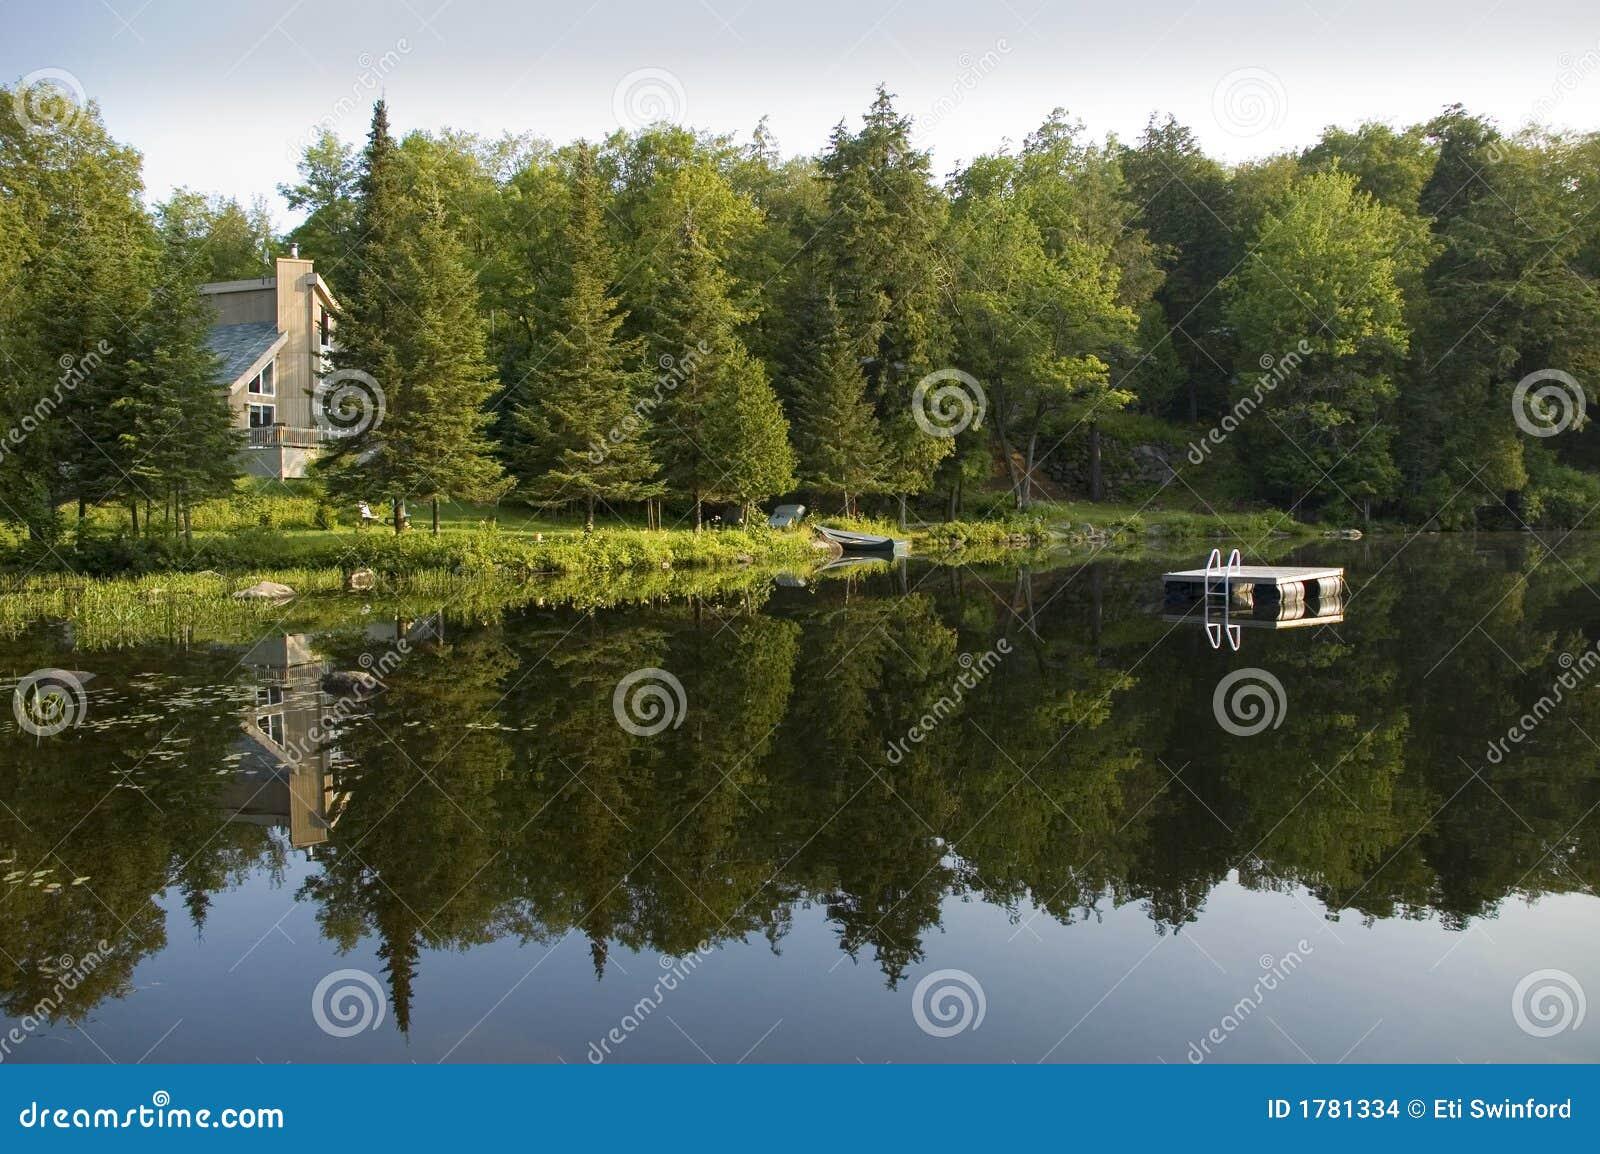 Sommerhaus auf dem See